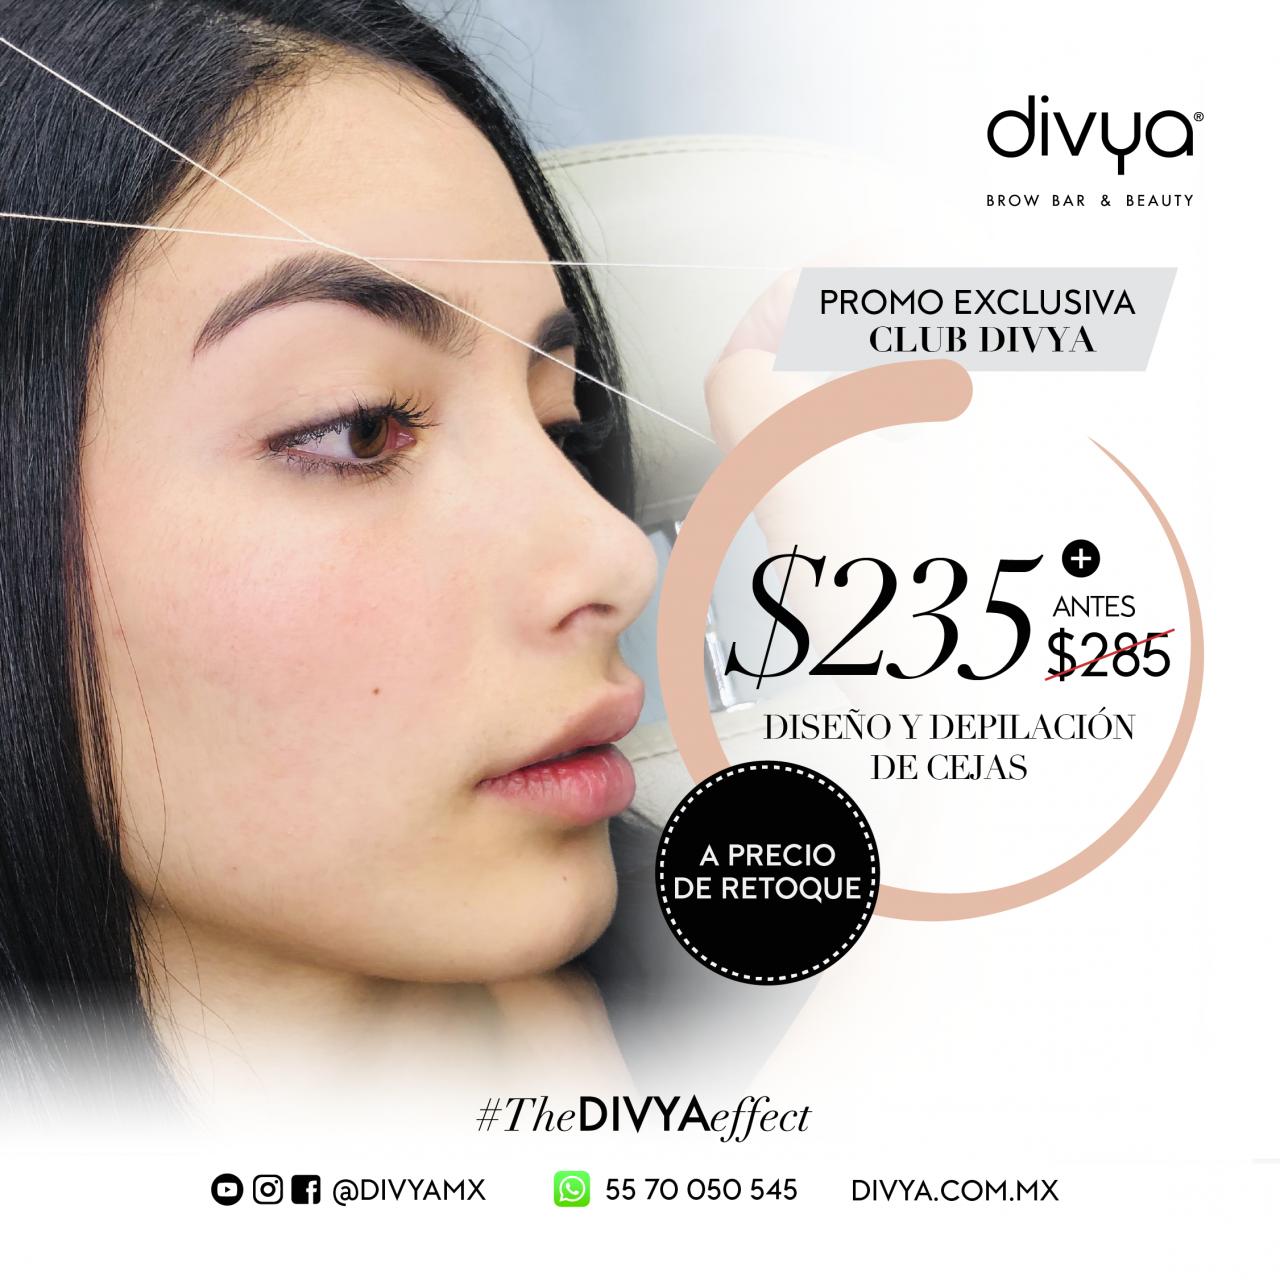 Diseño y Depilación de Cejas a precio de retoque – Exclusivo Club Divya - AS&w=900&h=900&fit=crop